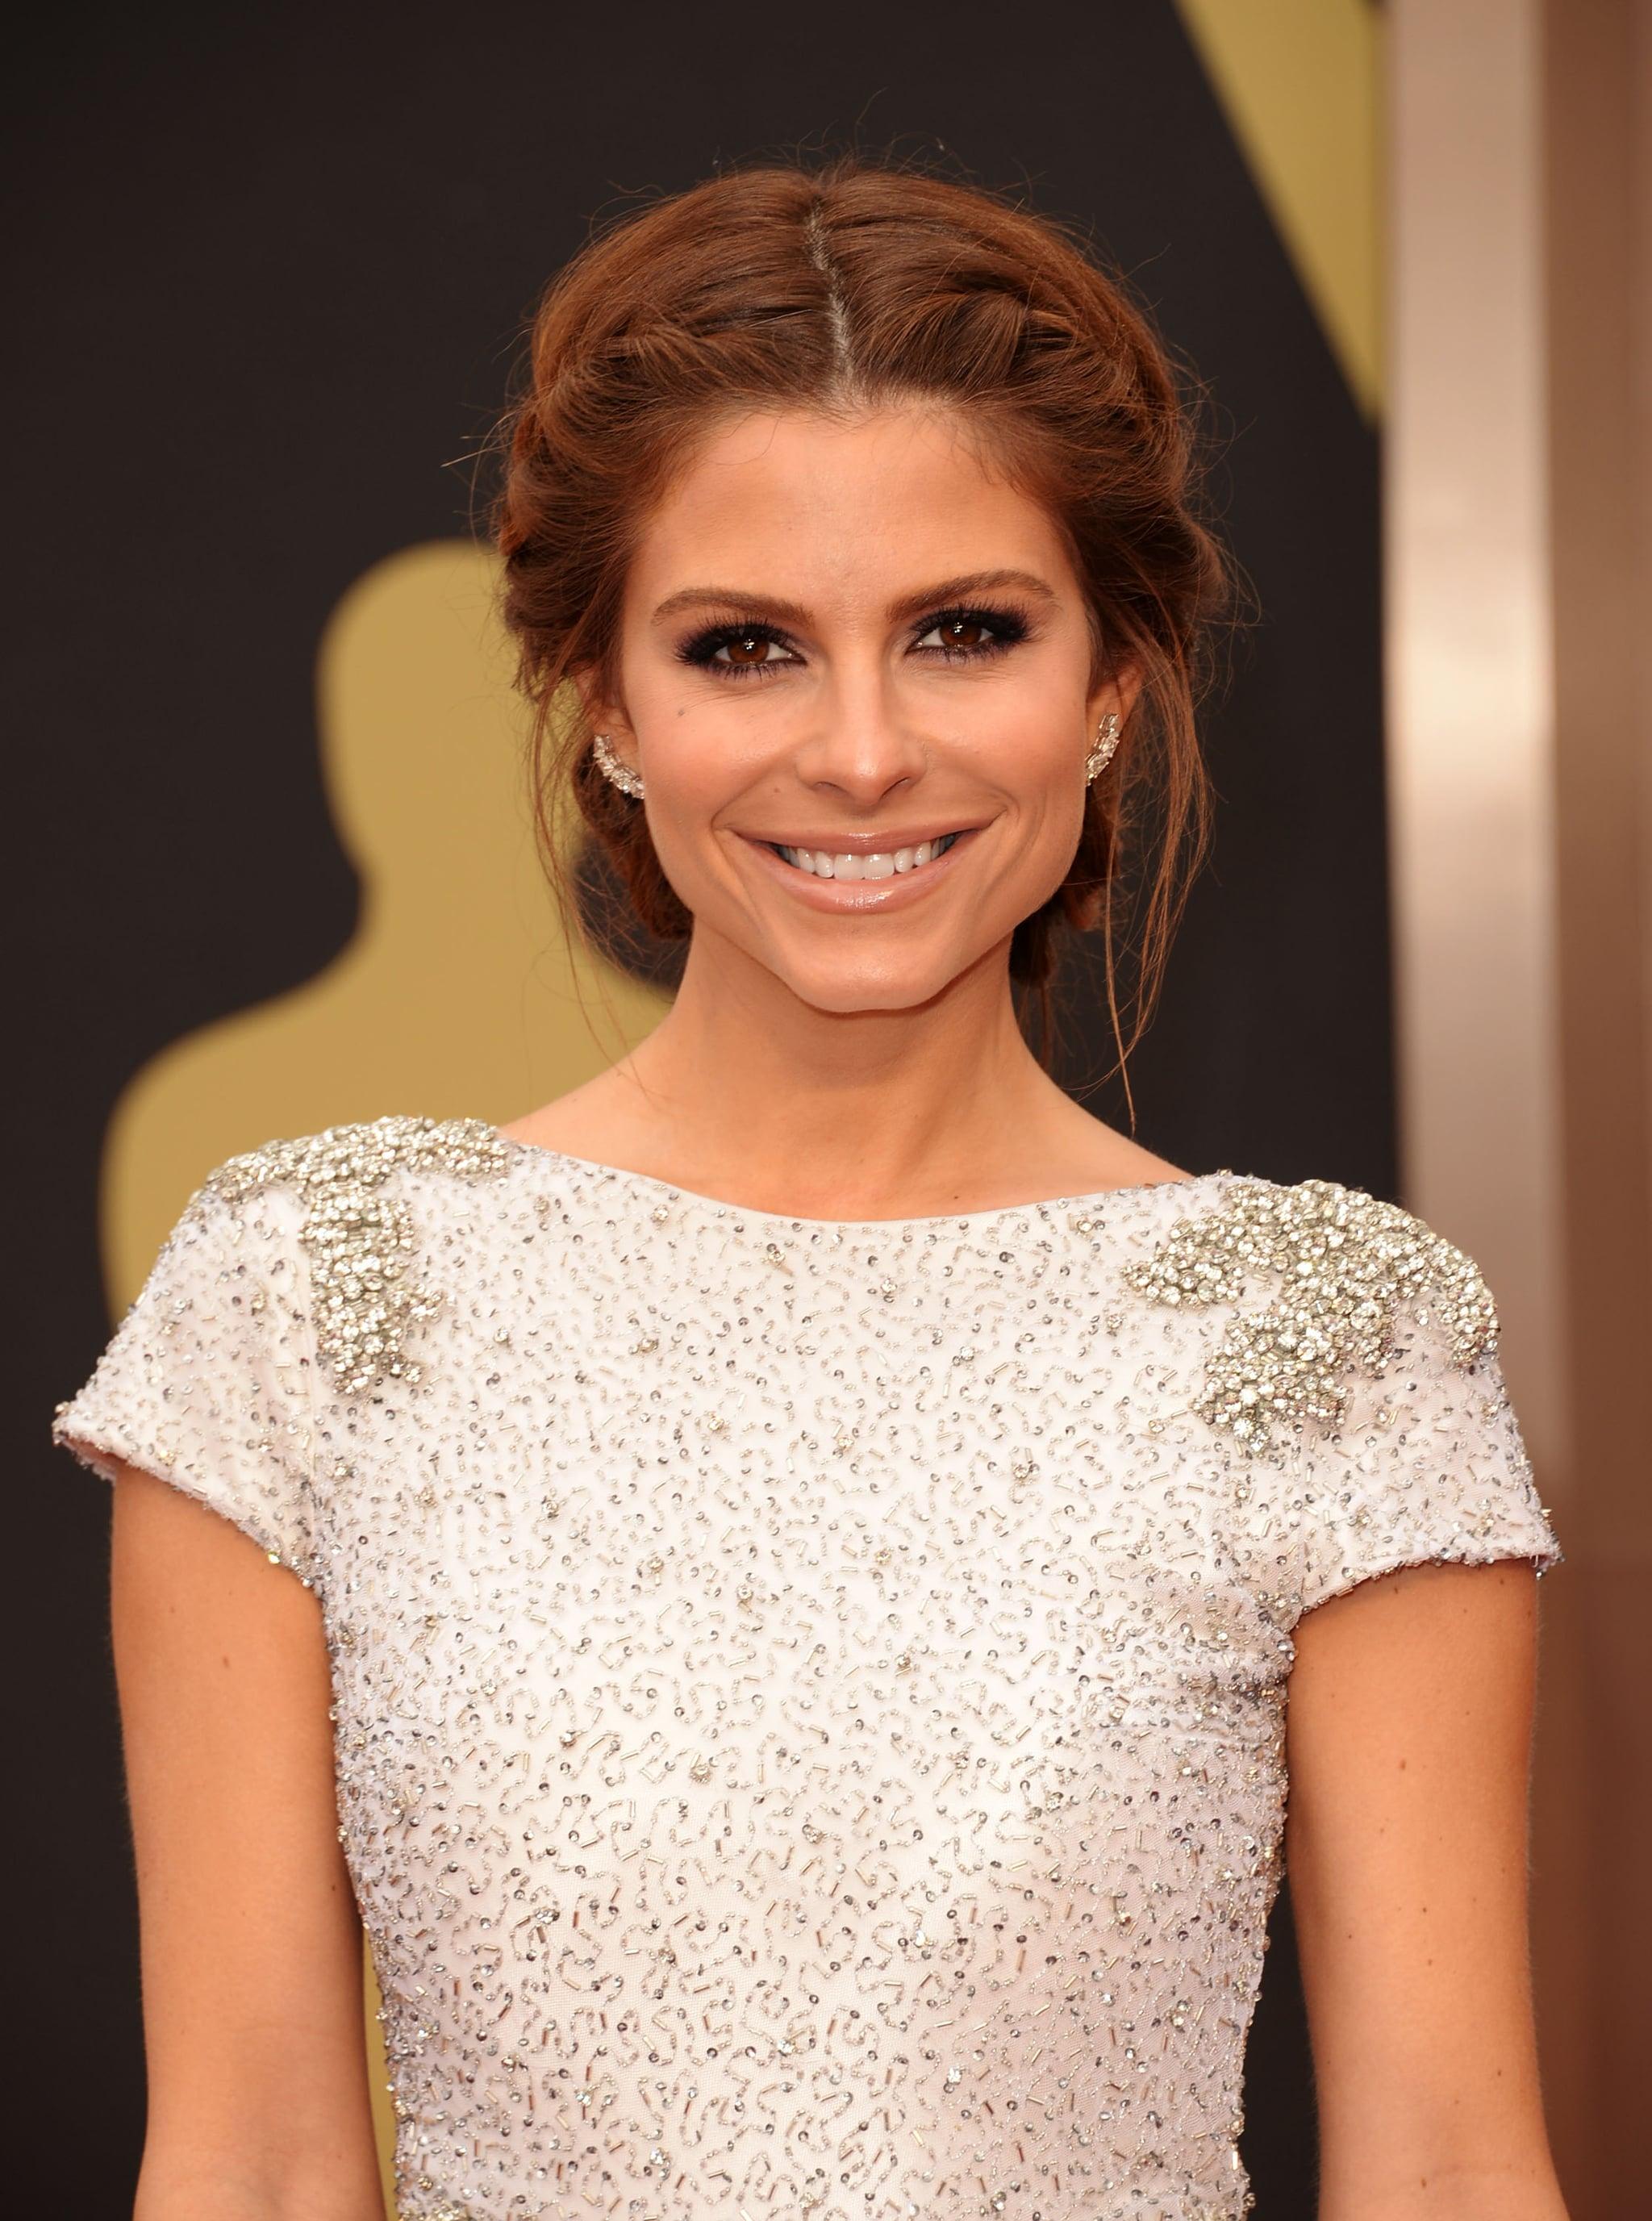 Maria Menounos at 2014 Oscars